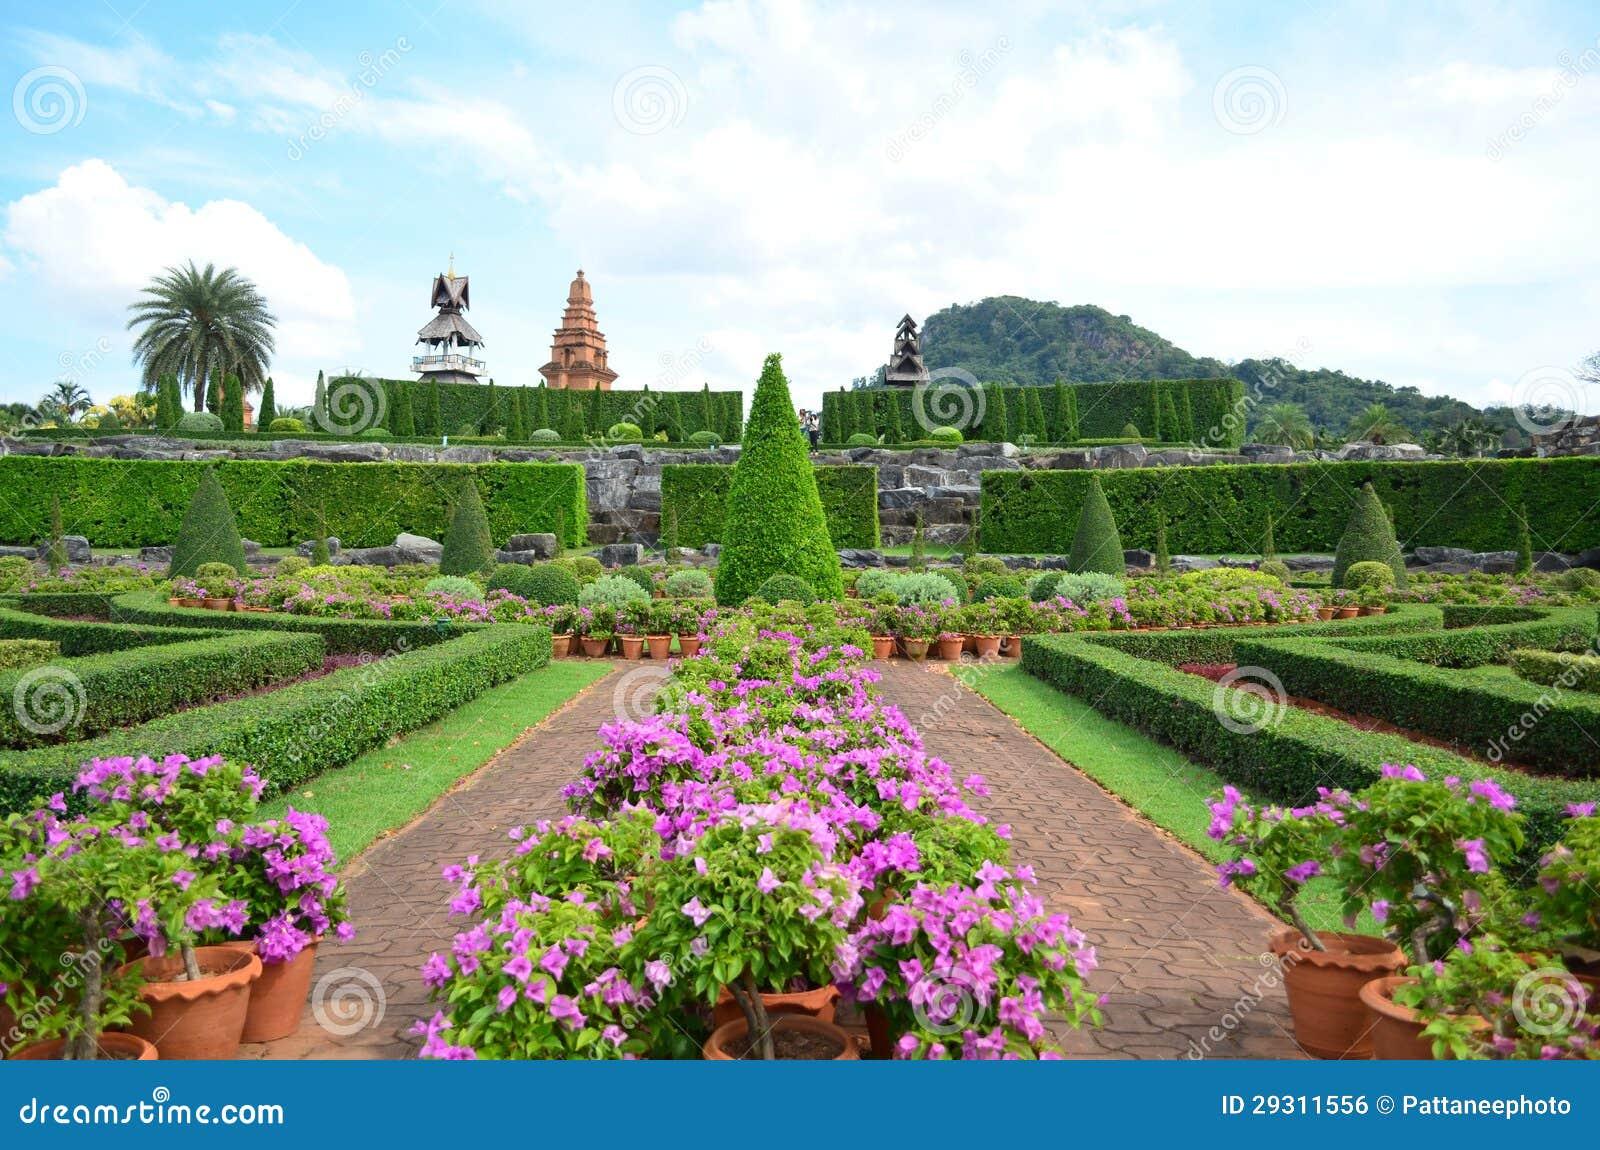 Nong Nooch Tropical Garden Stock Photo Image Of Pear 29311556